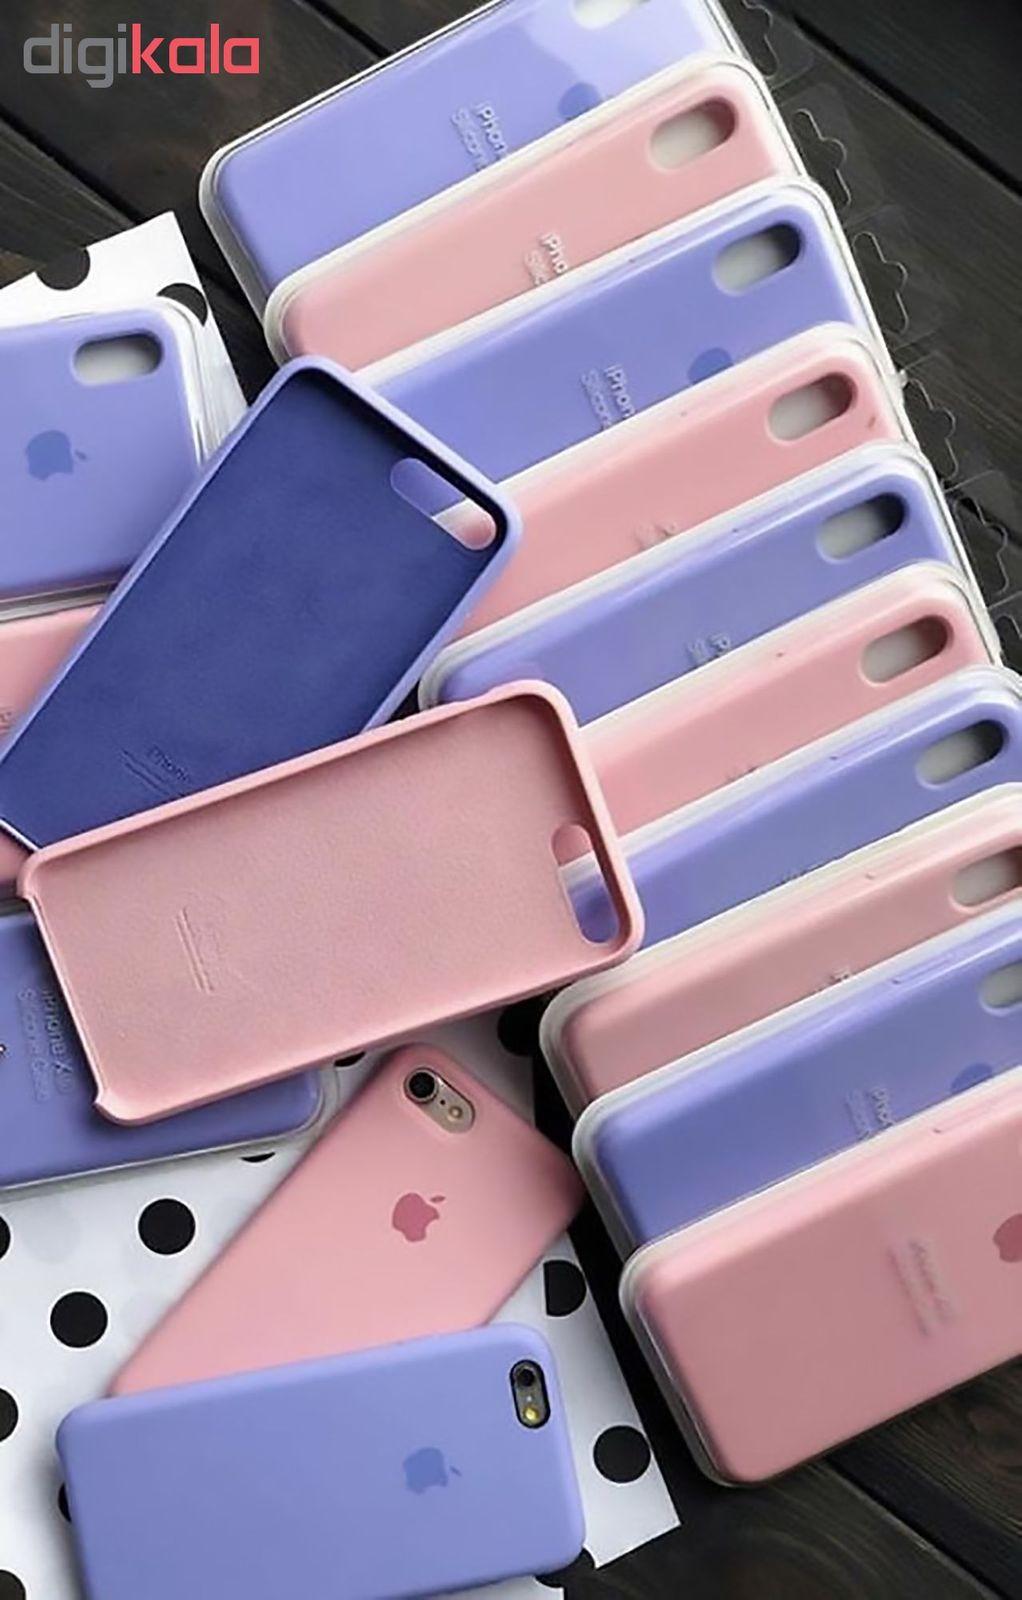 کاور مدل Silc مناسب برای گوشی موبایل اپل Iphone 8 / iphone 7 main 1 15